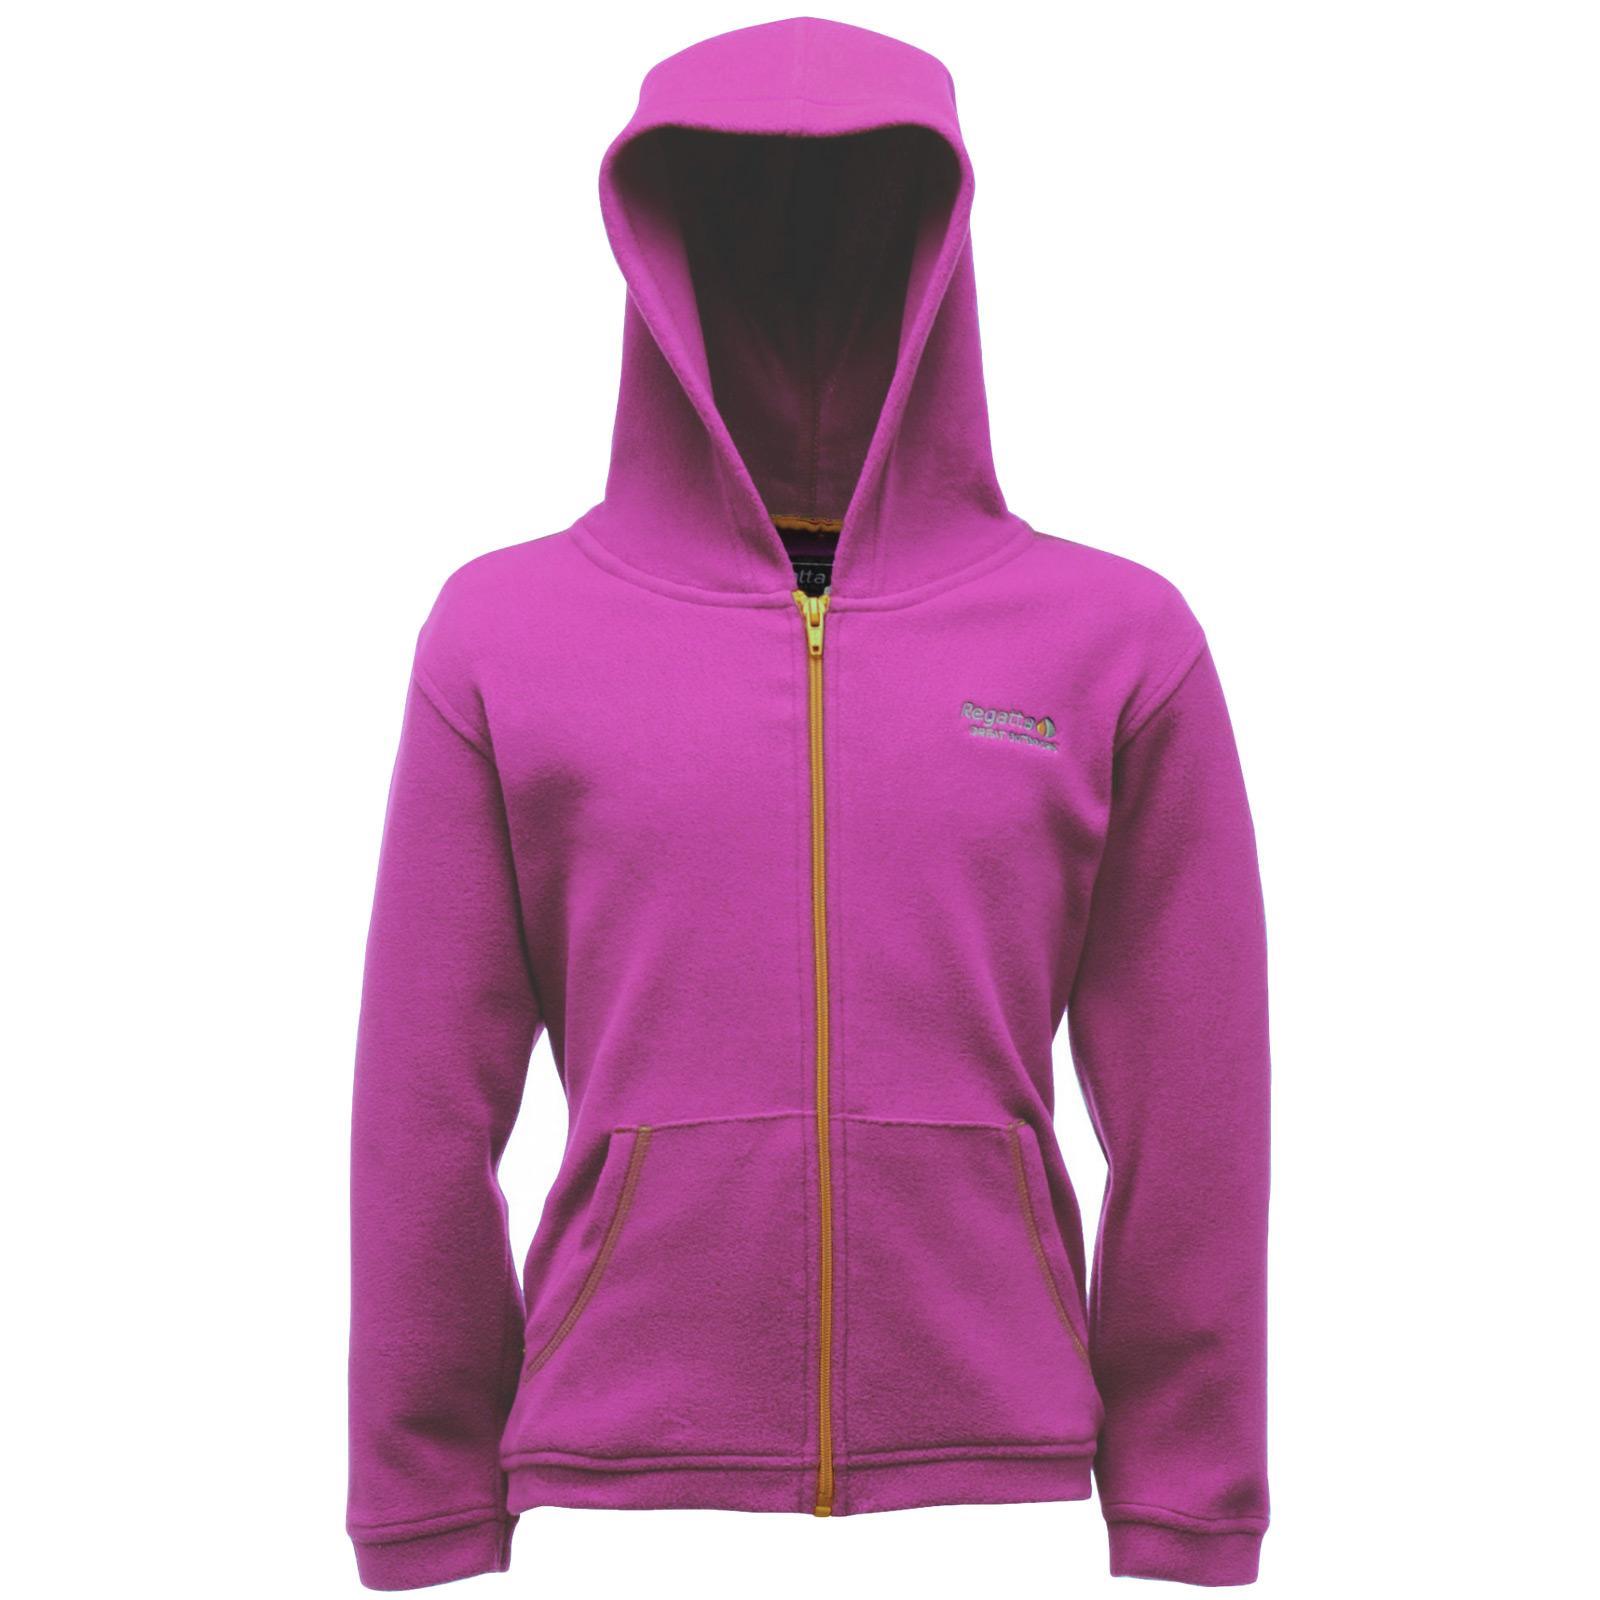 Regatta-Childrens-Chad-Fleece-Hooded-Jacket-Zip-Up-Top-Outdoor-Wear-Kids-Hoodie